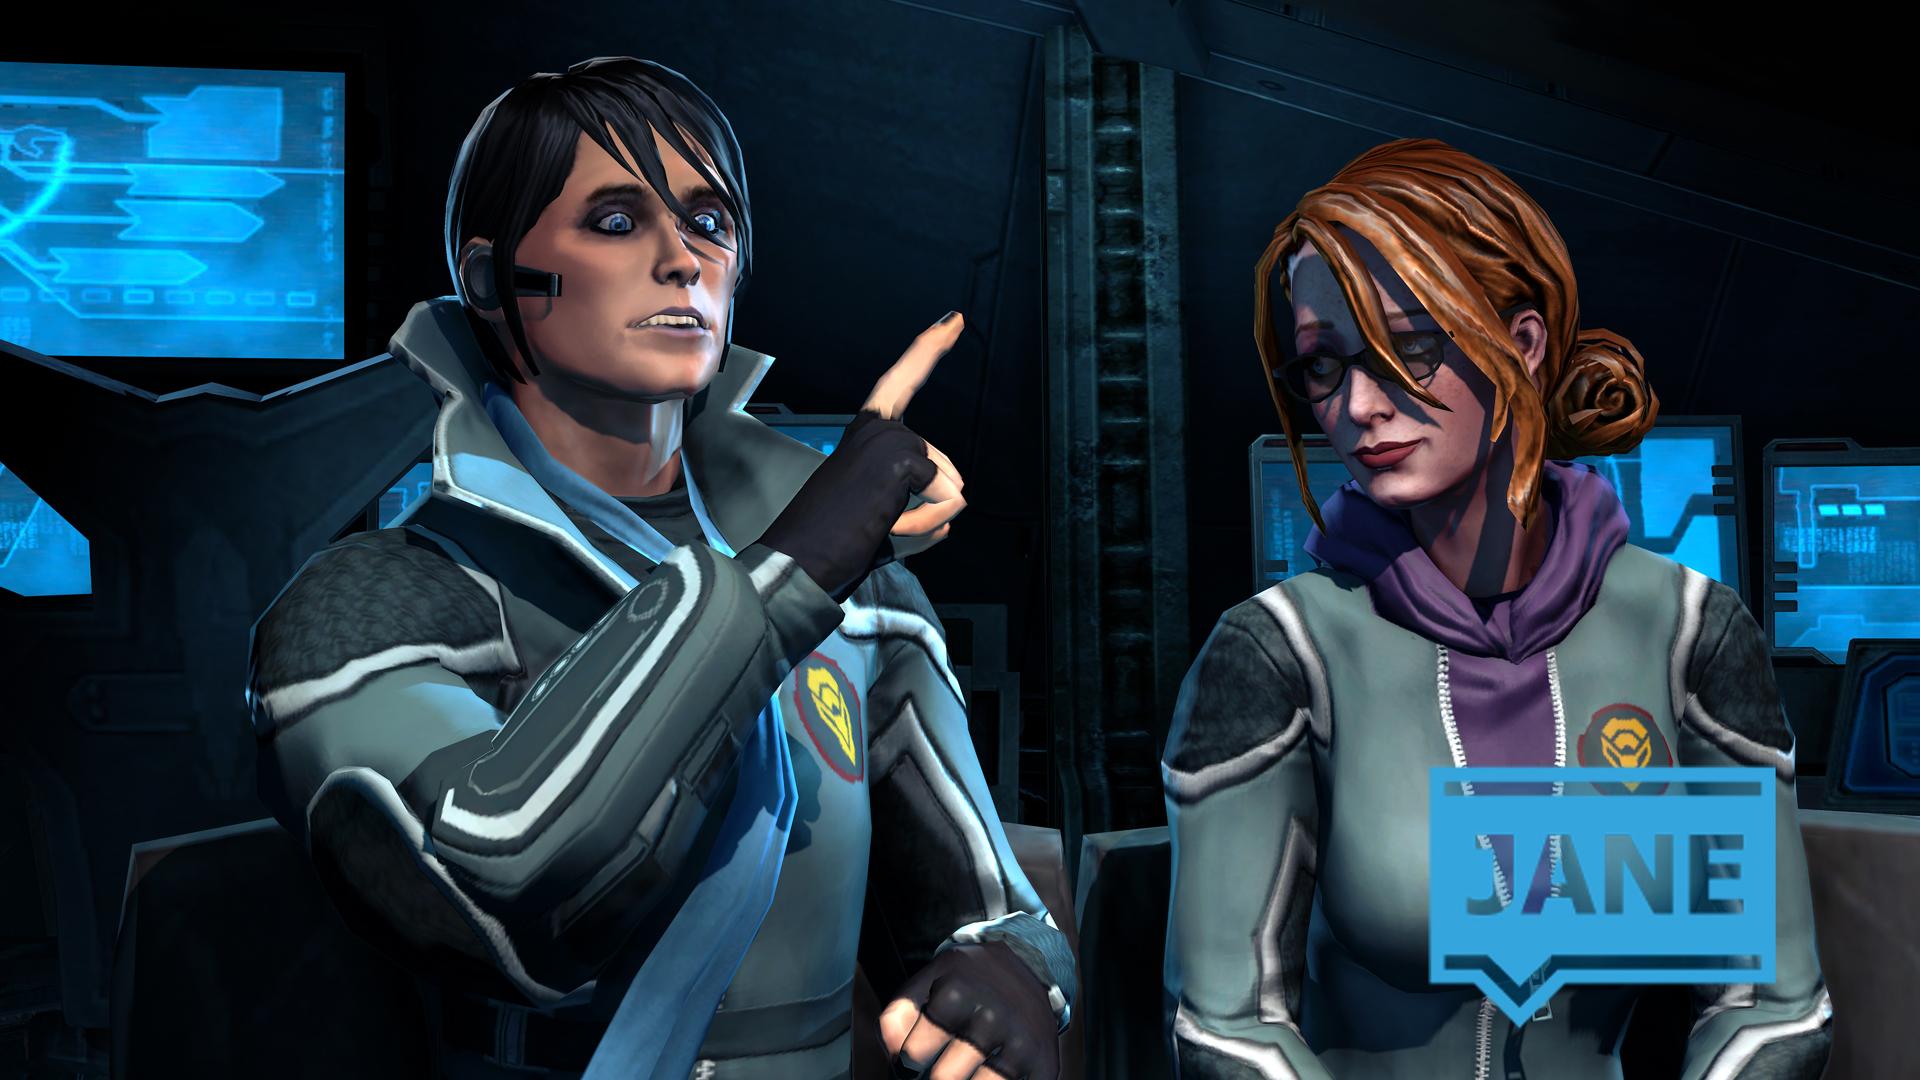 Obrázky z Enter the Dominatrix DLC k Saints Row 4 88775